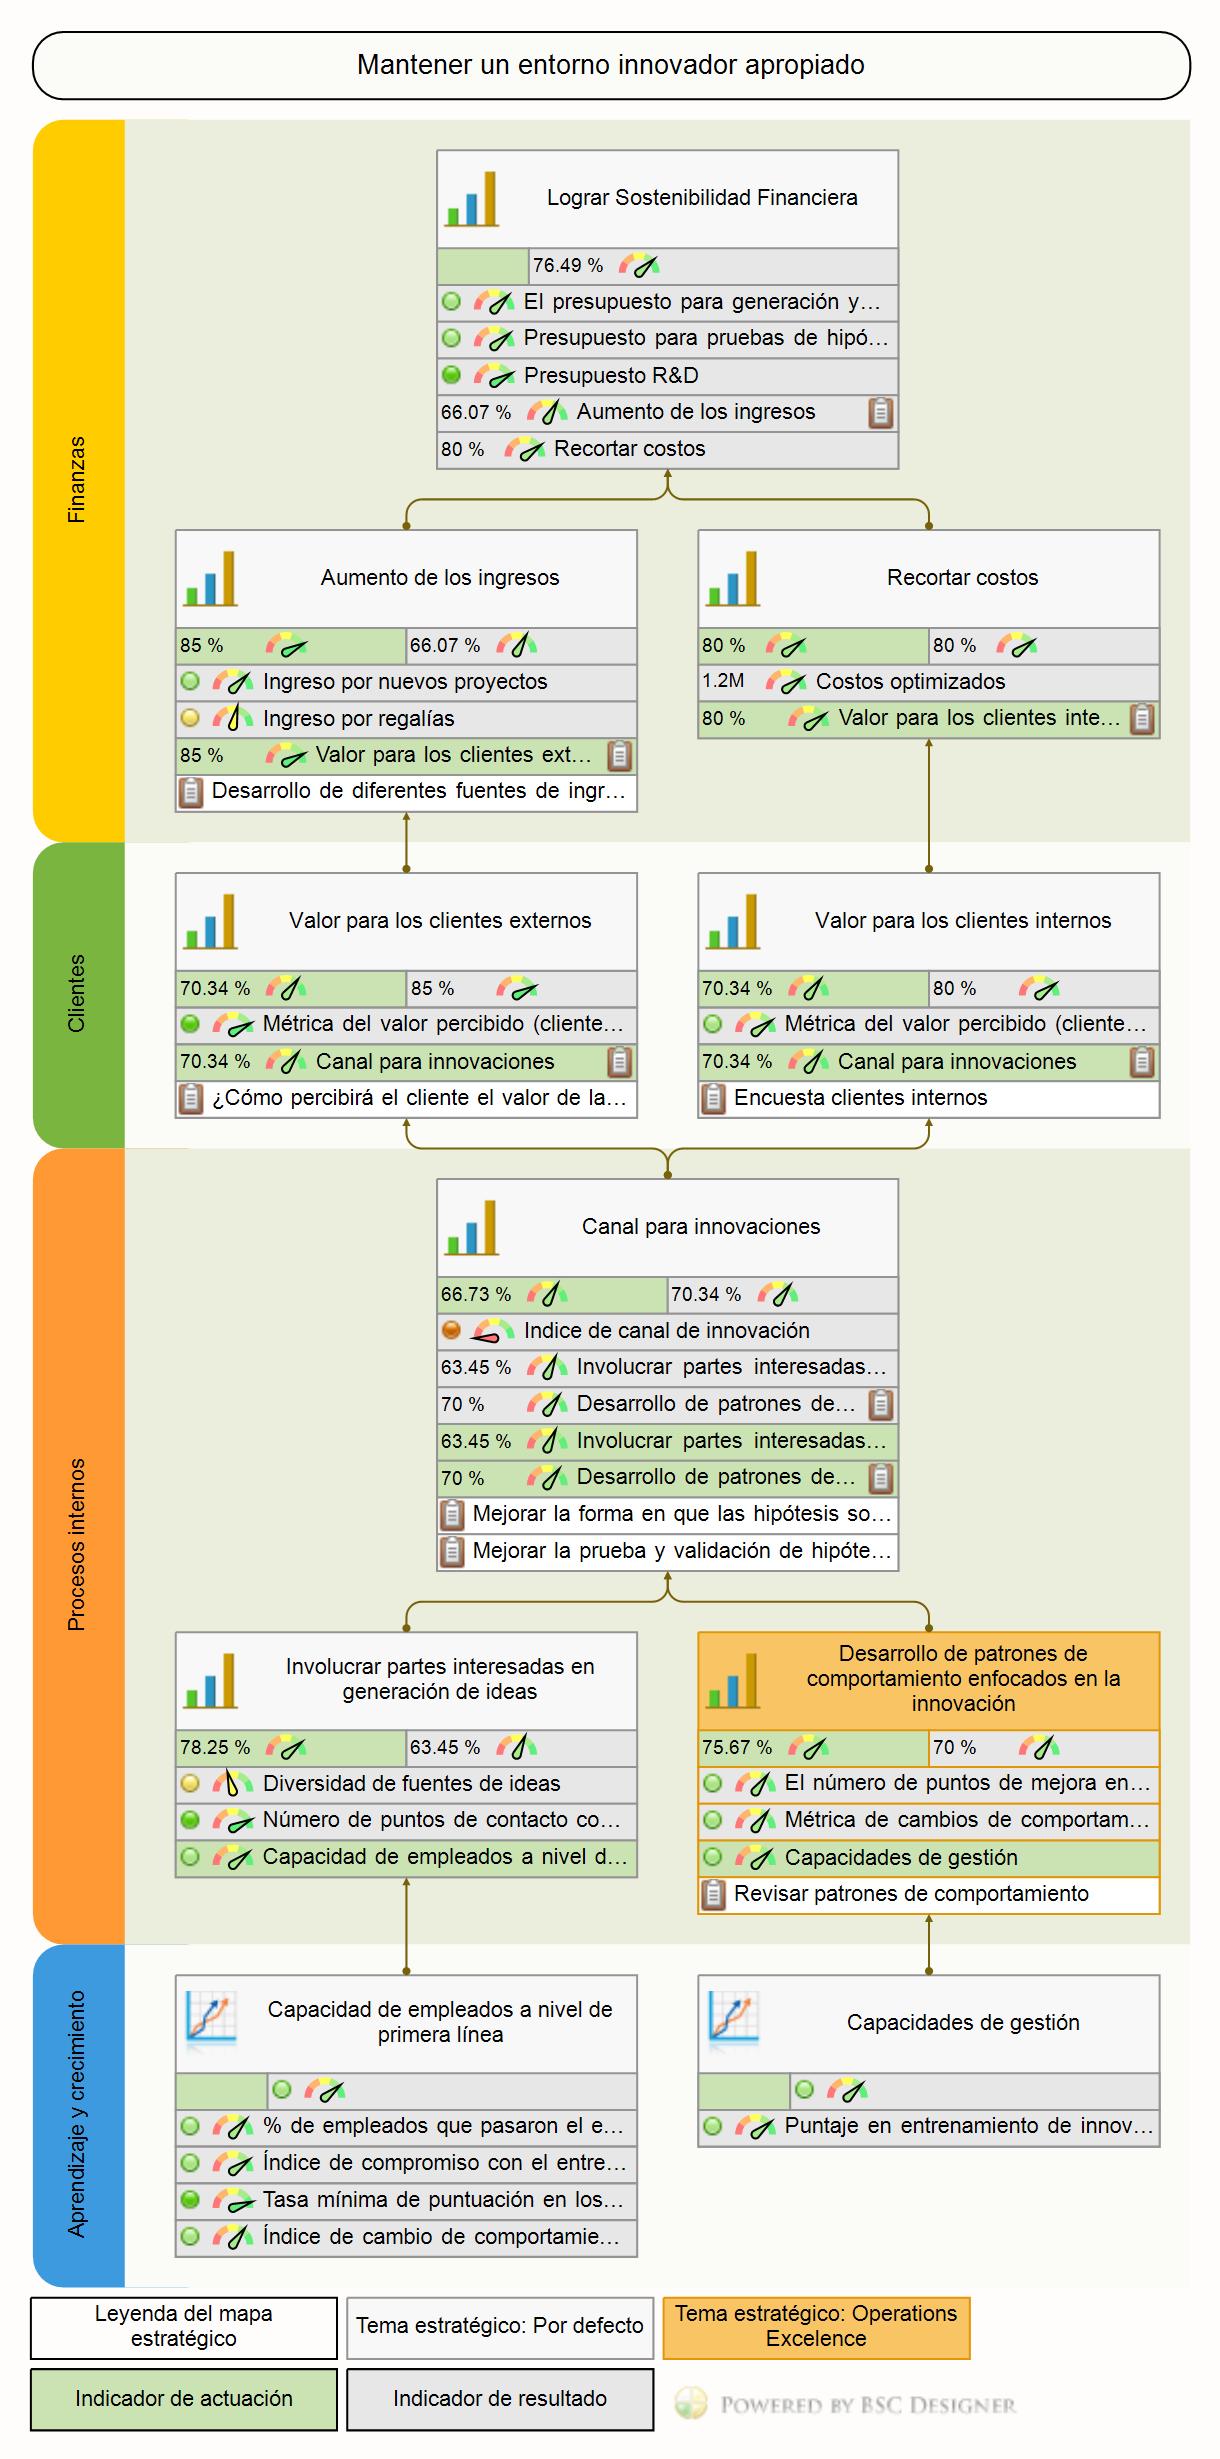 Un ejemplo de un mapa de estrategias para innovaciones